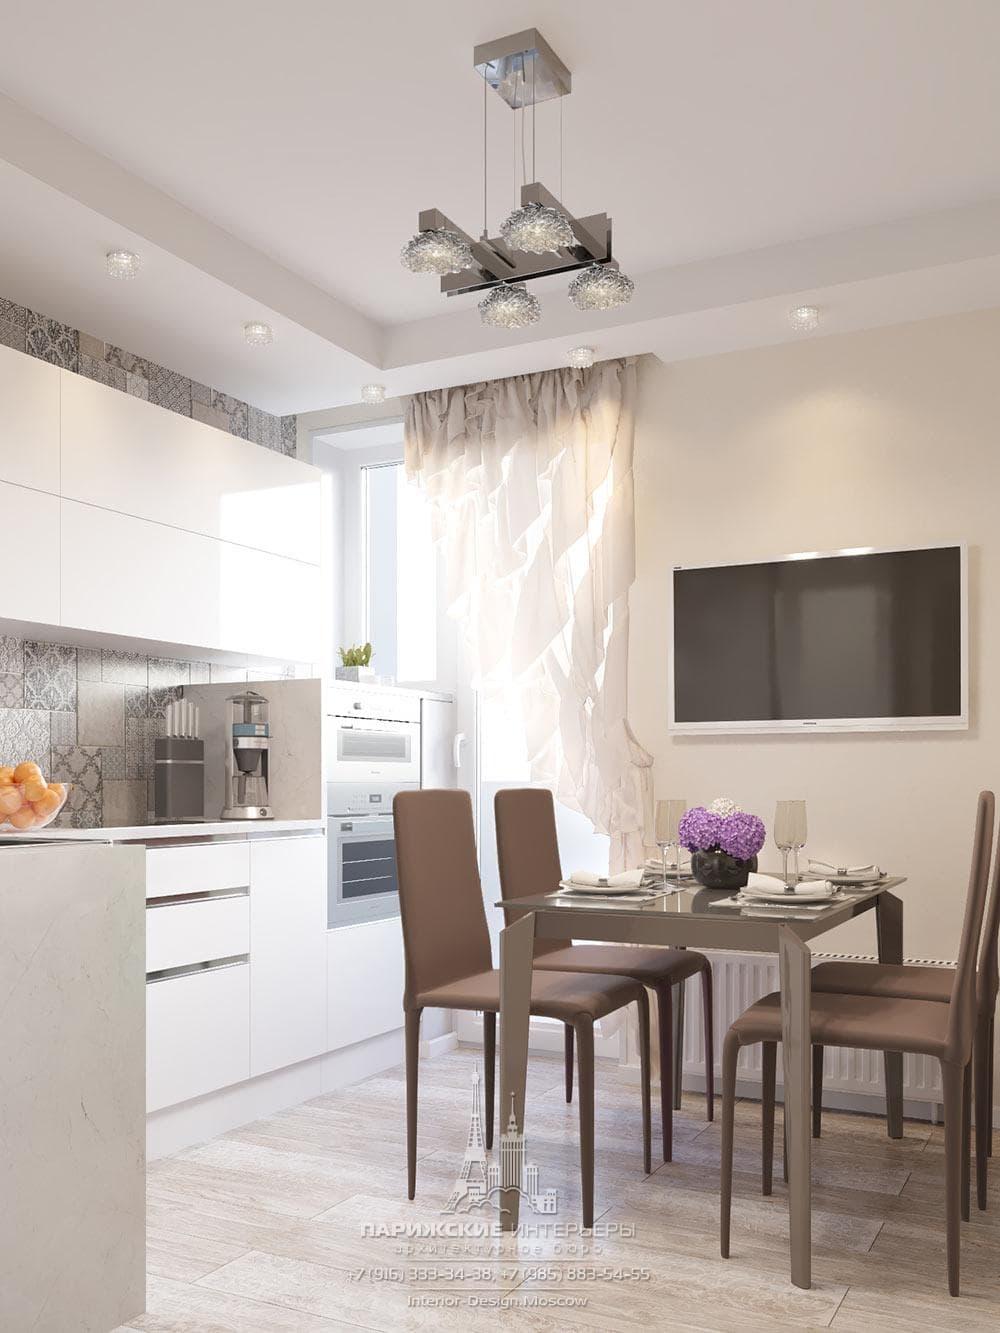 Современный интерьер кухни в светлых тонах с орнаментированной плиткой